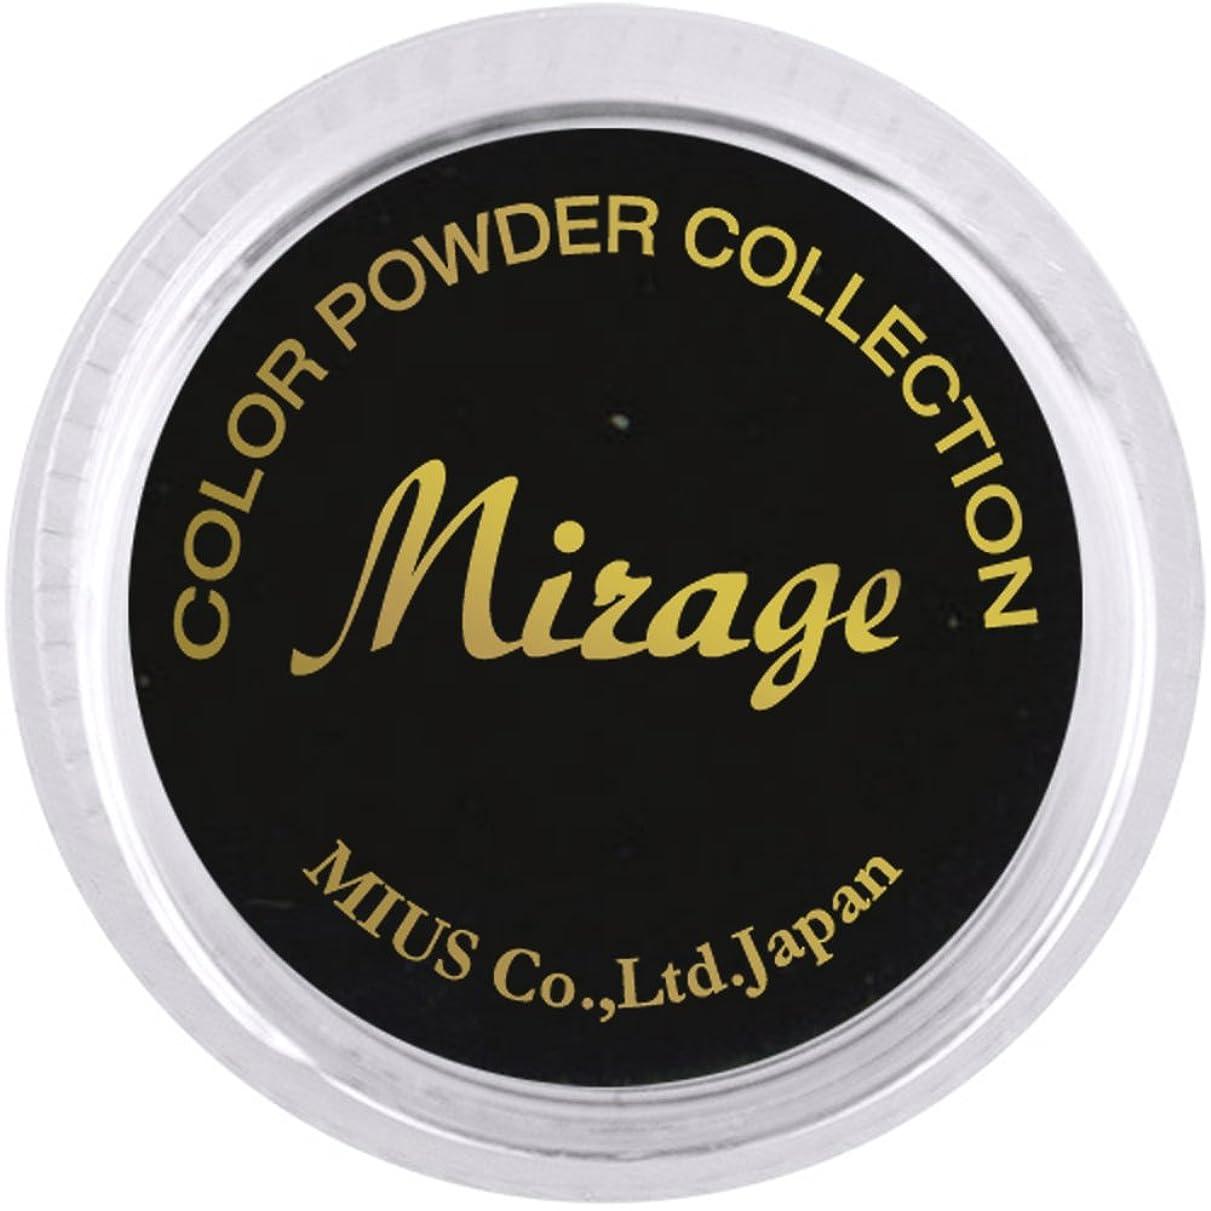 クックもう一度倉庫ミラージュ カラーパウダー N/CPS-10  7g  アクリルパウダー 色鮮やかな蛍光スタンダードカラー